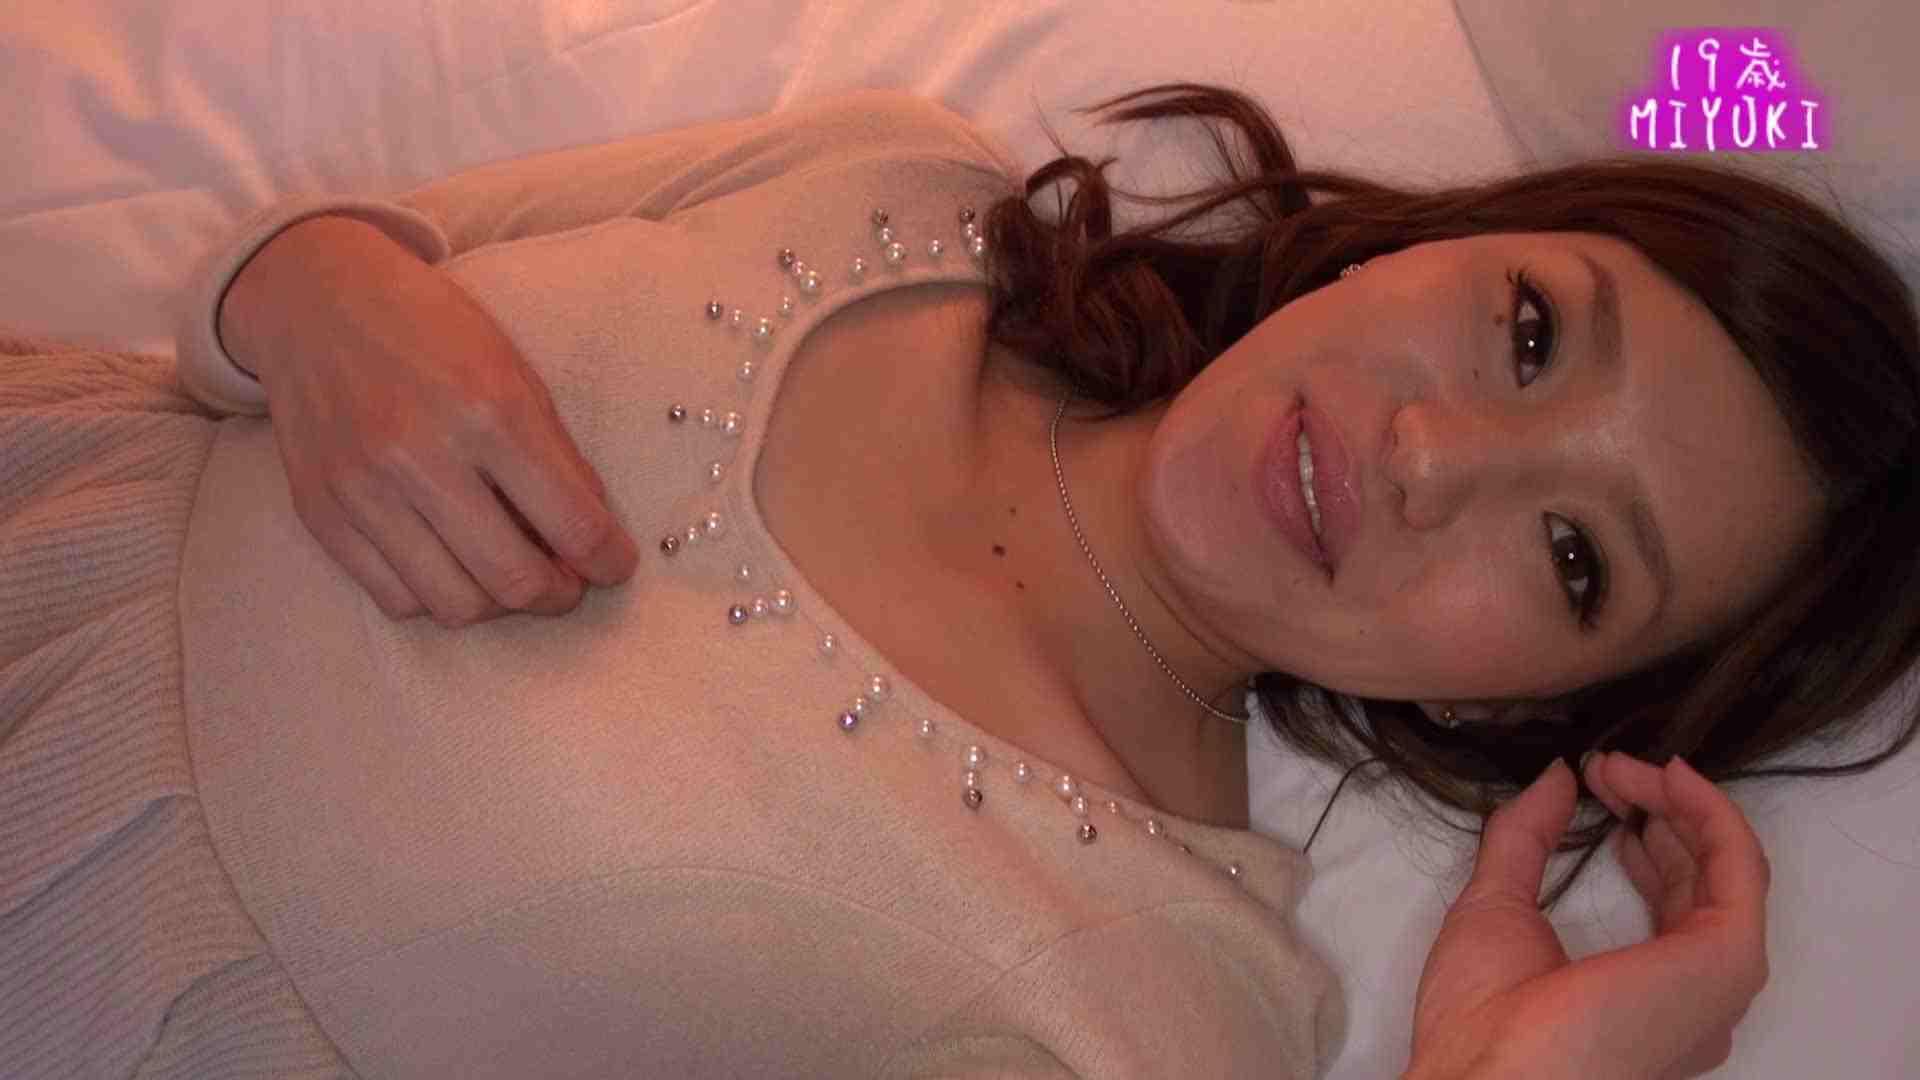 カメラテストを兼ねて、MIYUKIちゃんのイメージ撮影 メーカー直接買い取り | 素人  80画像 59